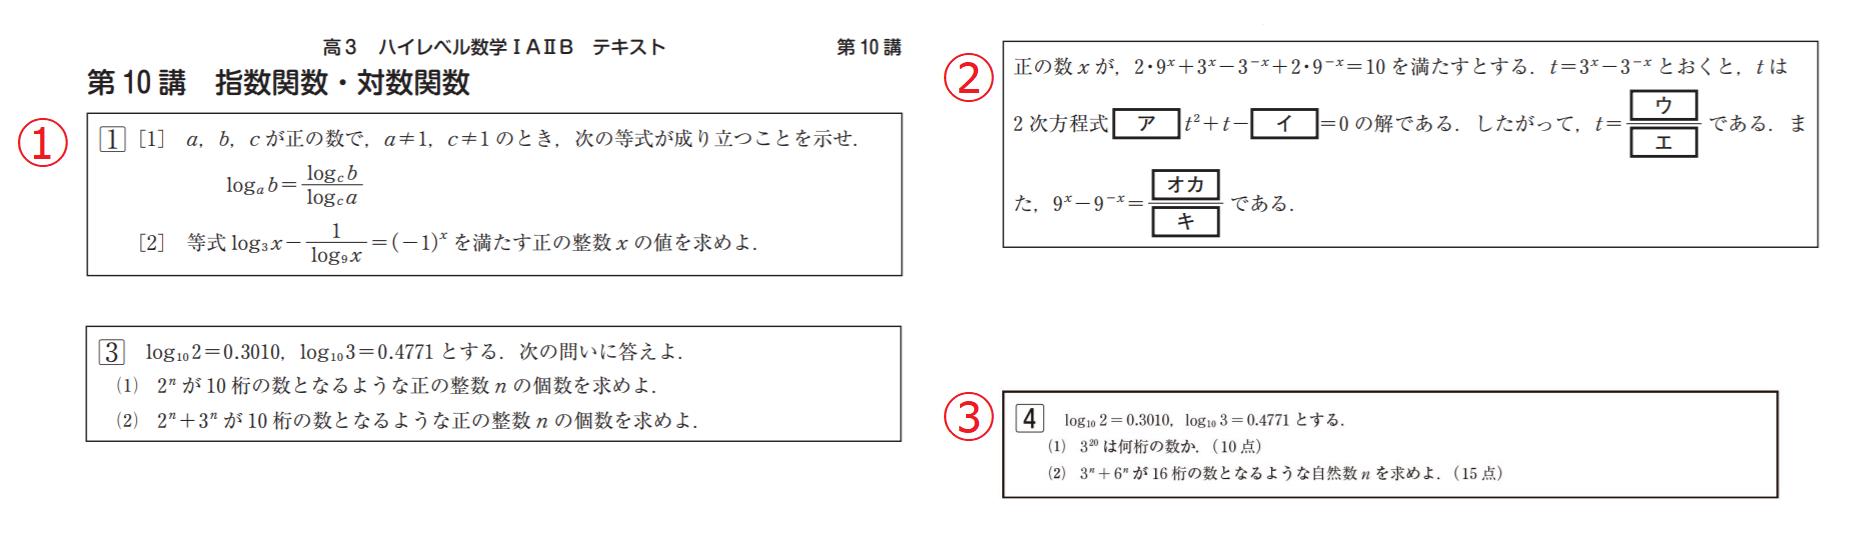 スタサプ高3ハイレベル数学IAIIBの問題例